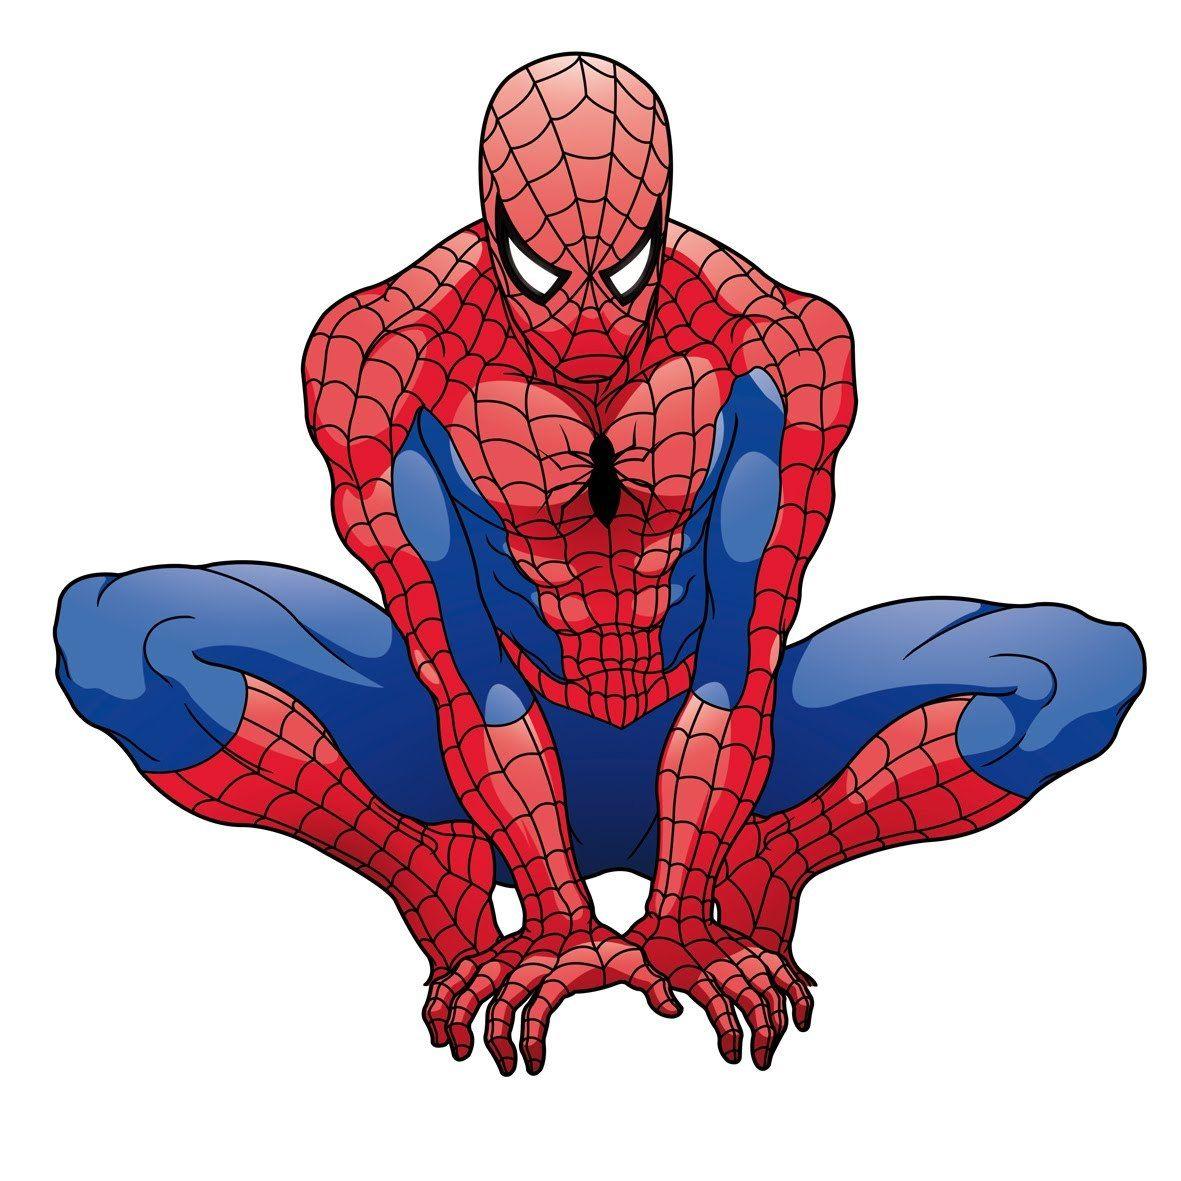 hombre araña colgado - Buscar con Google | hombre araña ...